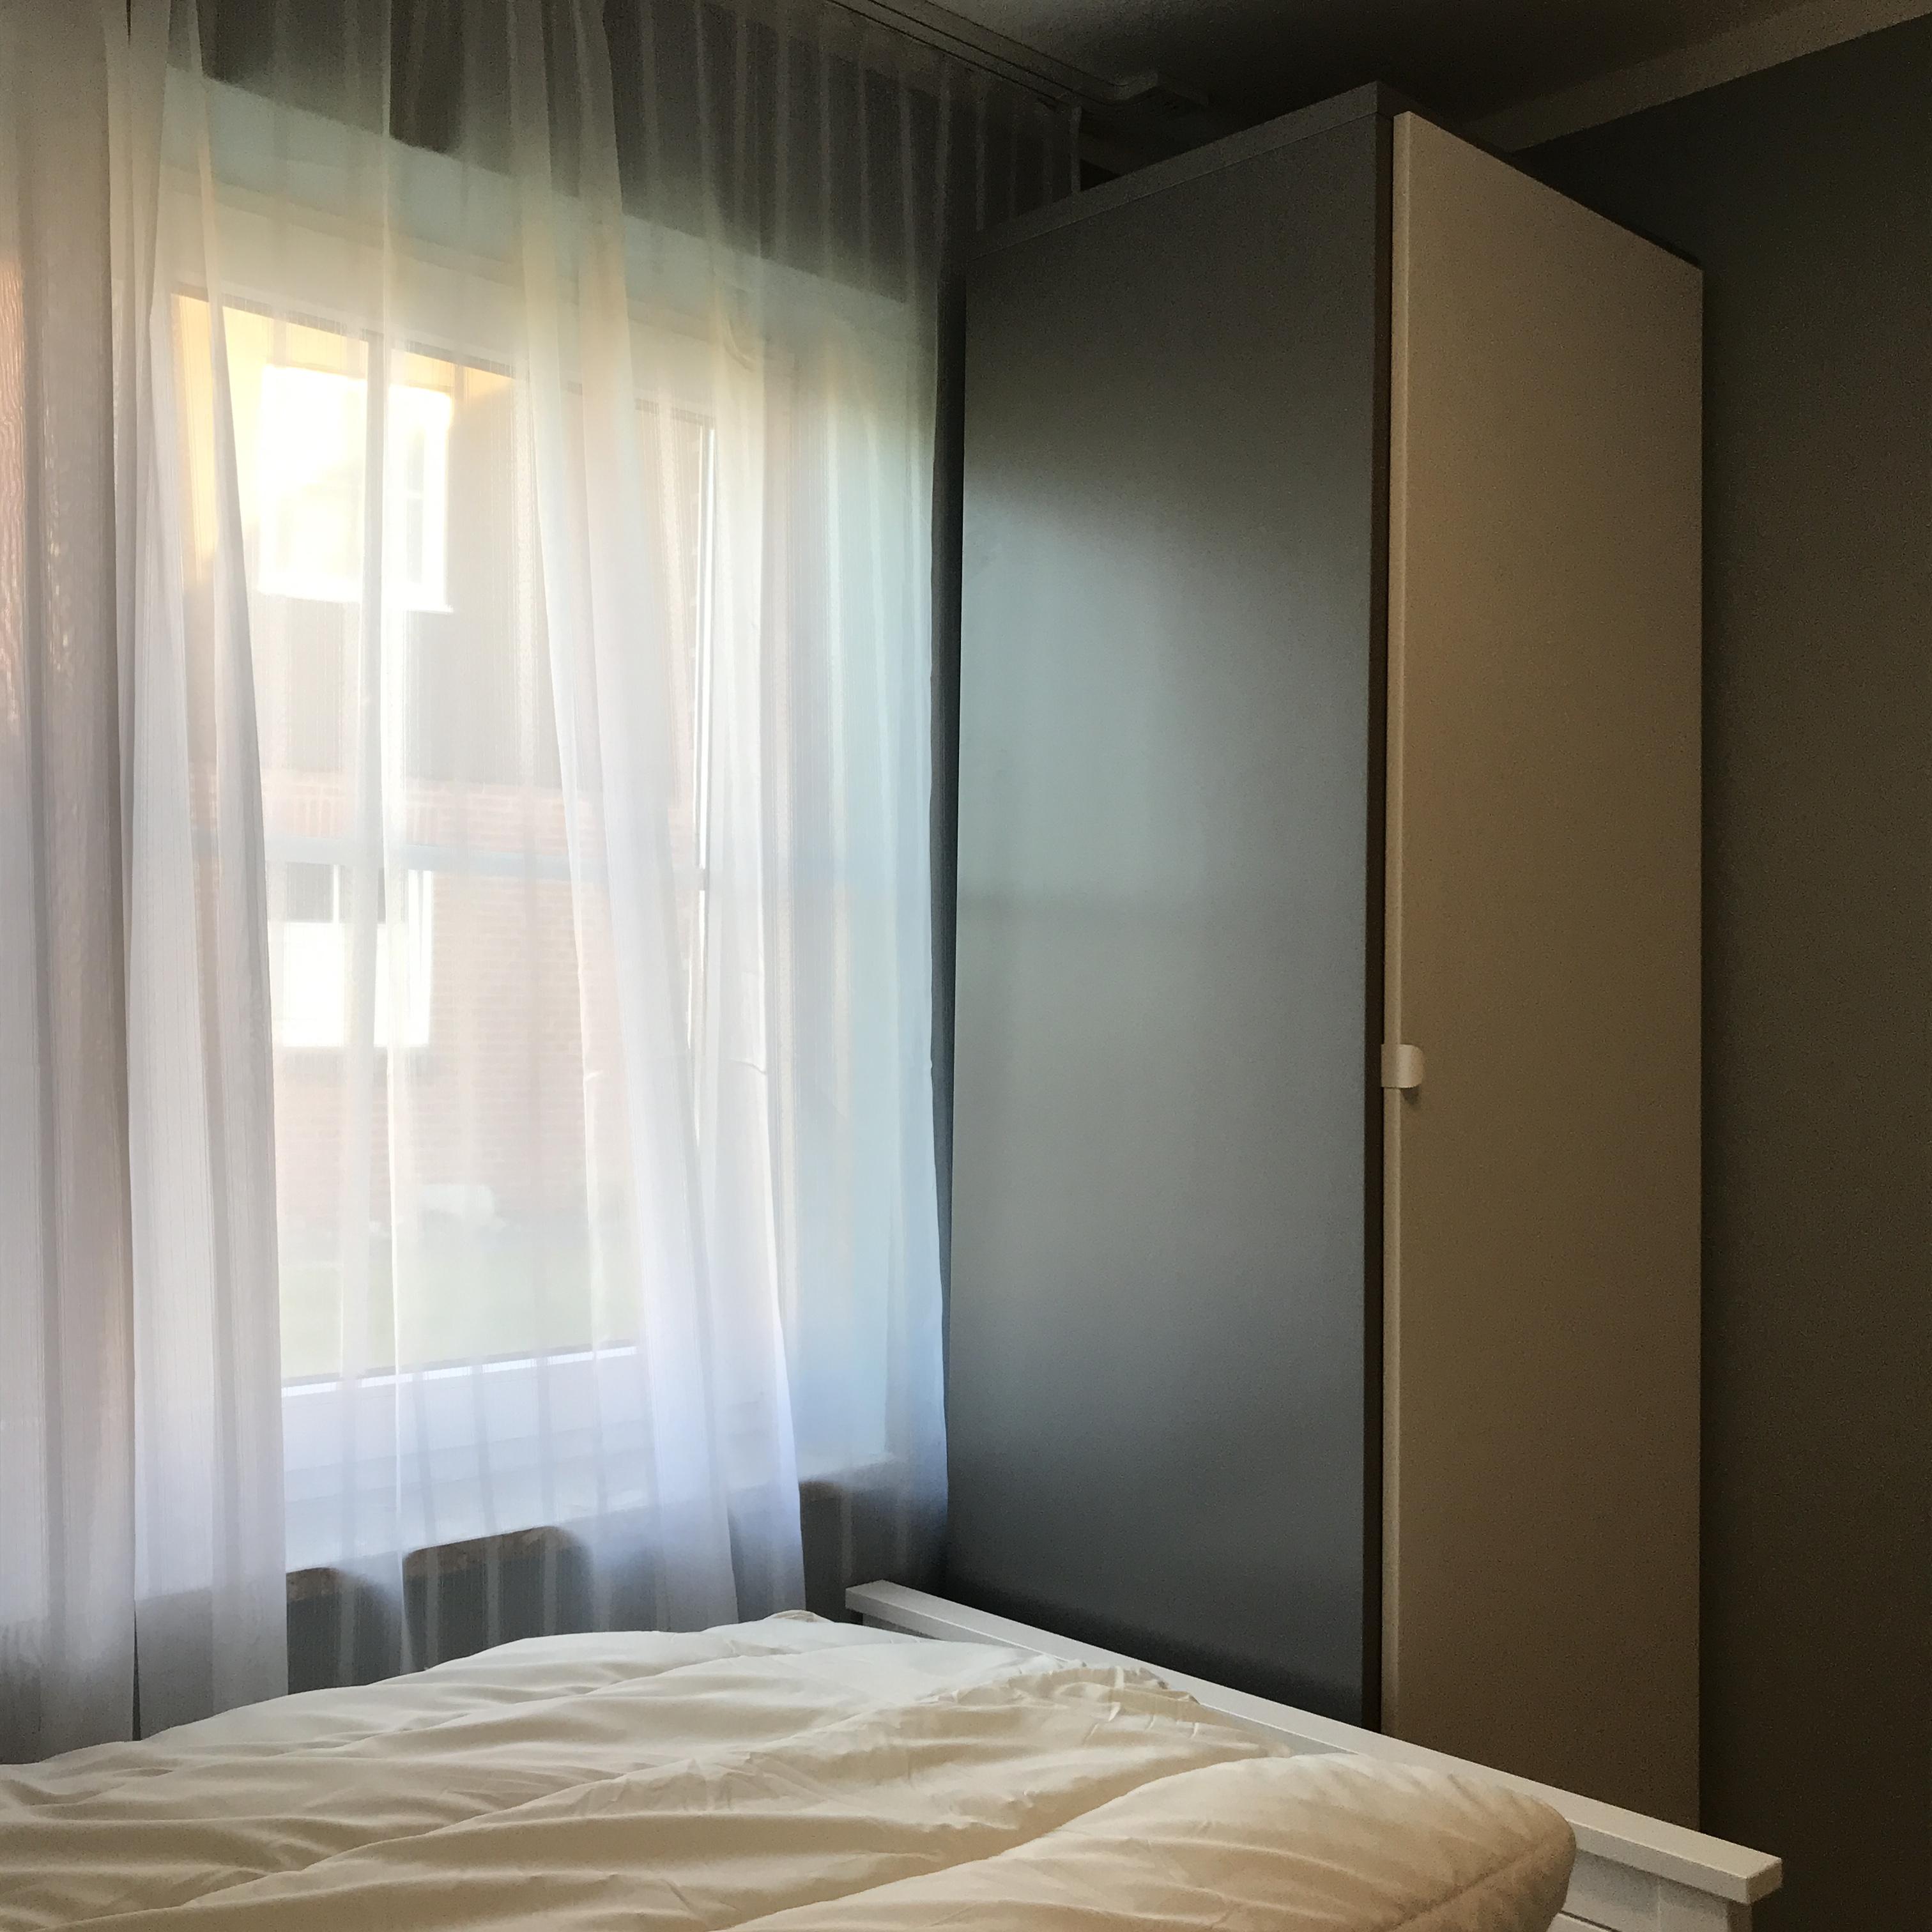 Schlafzimmer 2 - Kompaktkleiderschränke